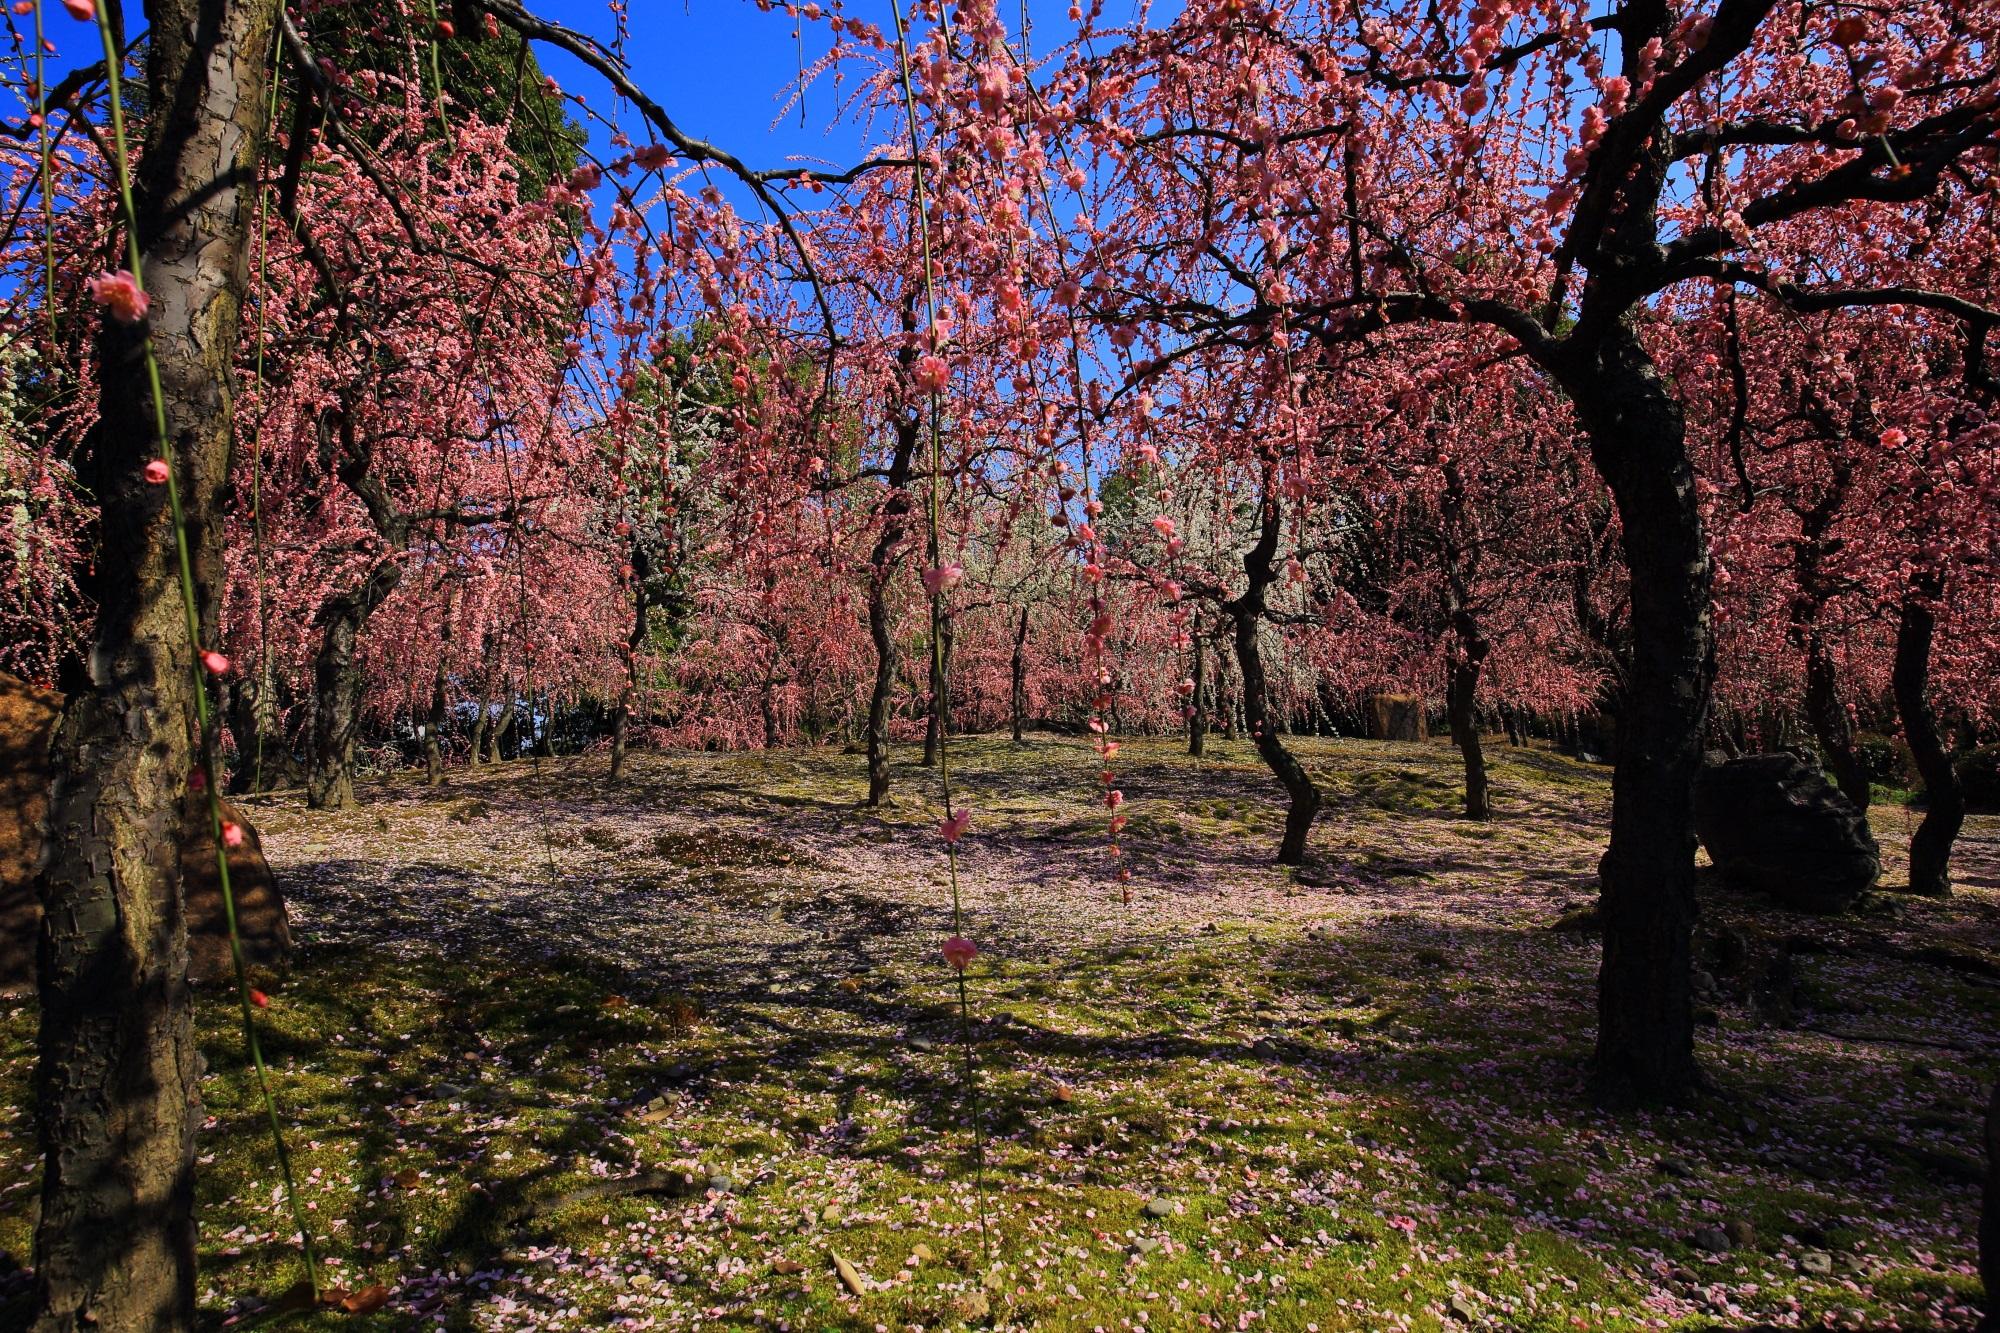 散った花びらも綺麗なしだれ梅